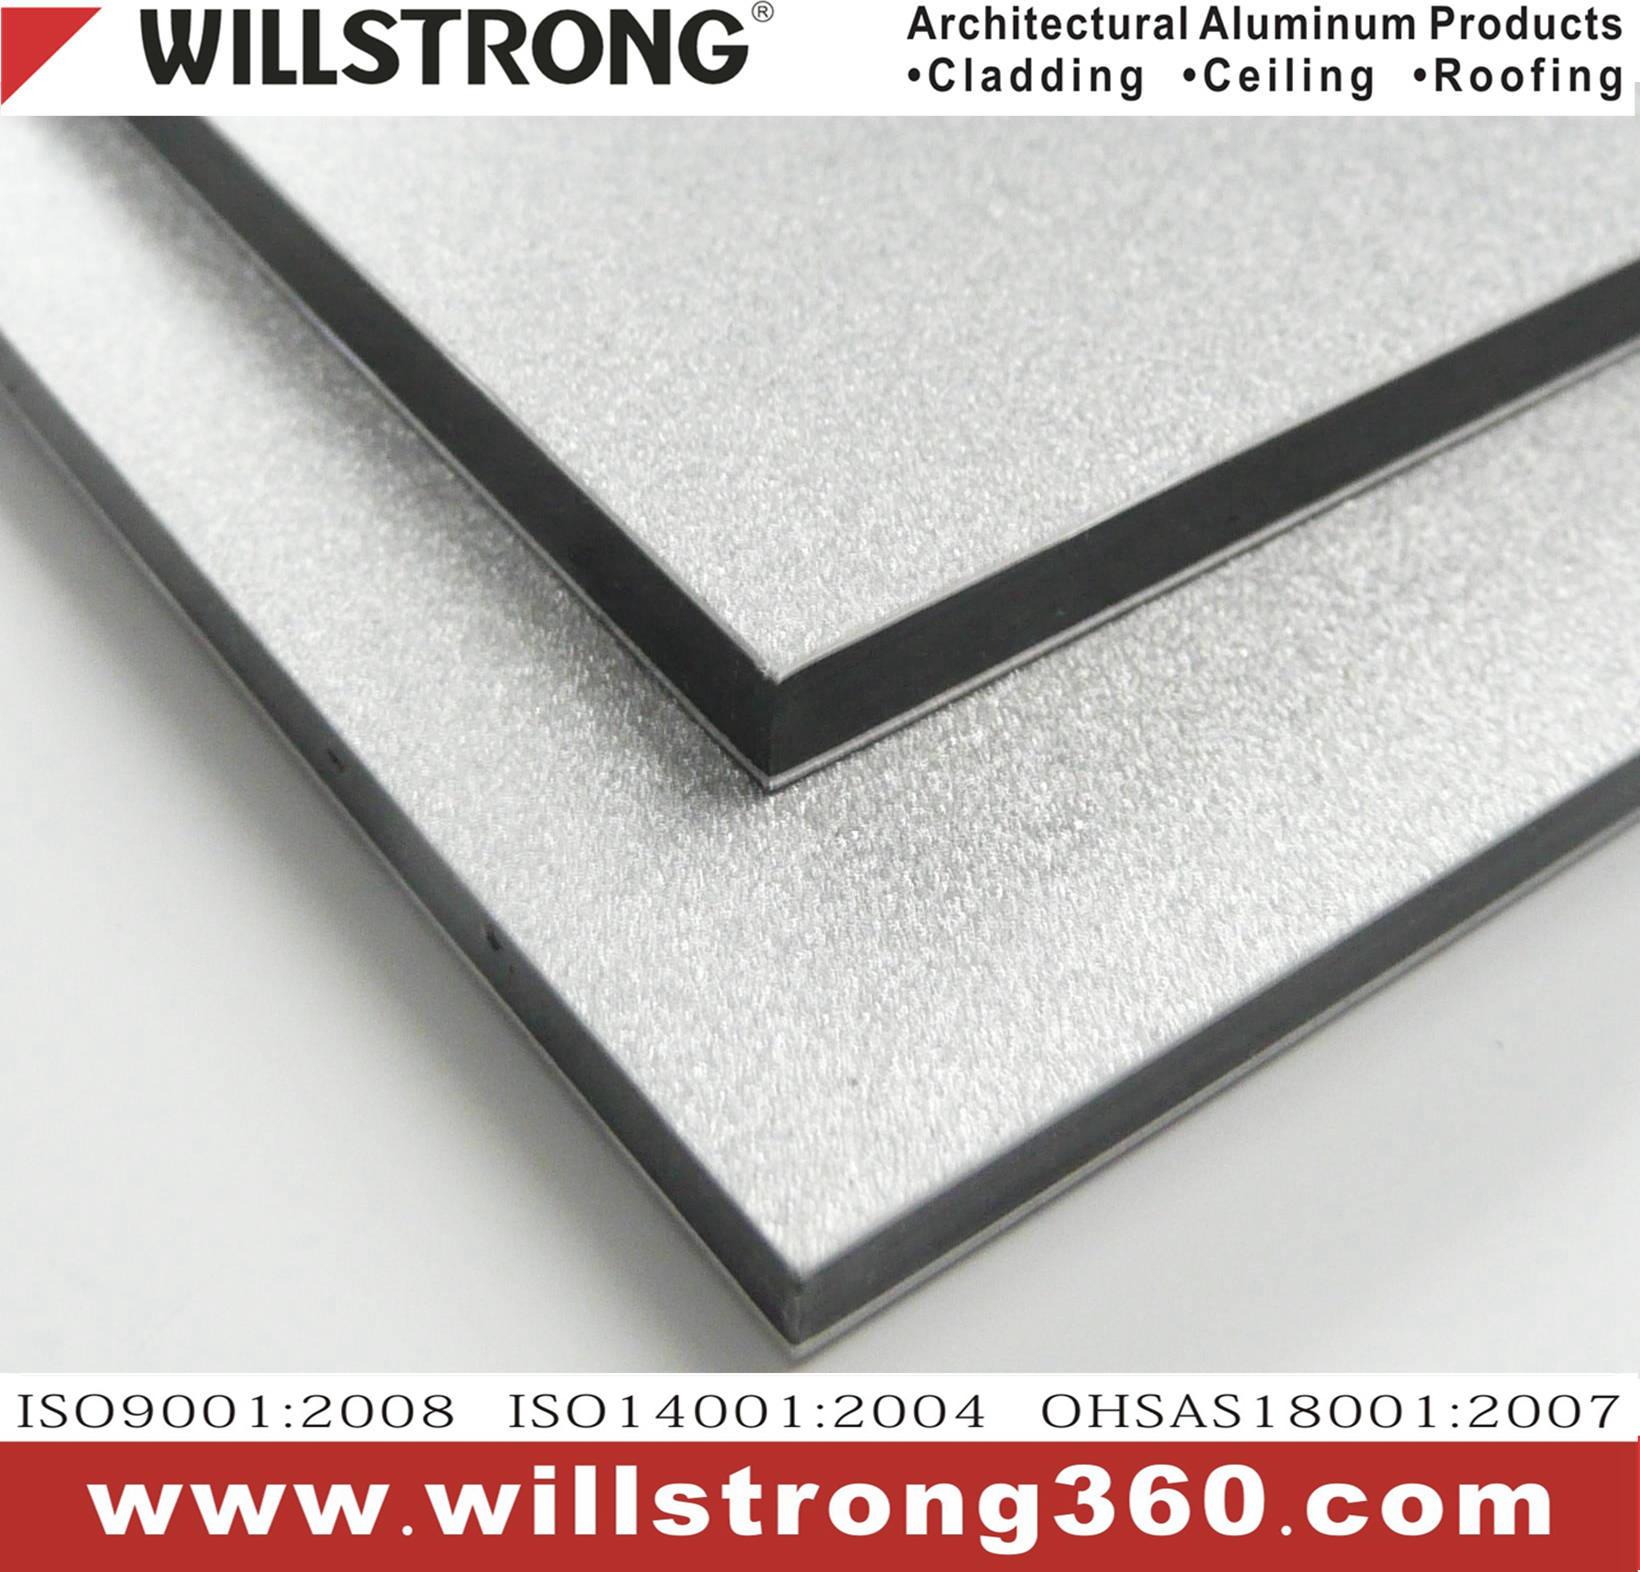 PET Coating Acp Aluminium Composite Material Panel